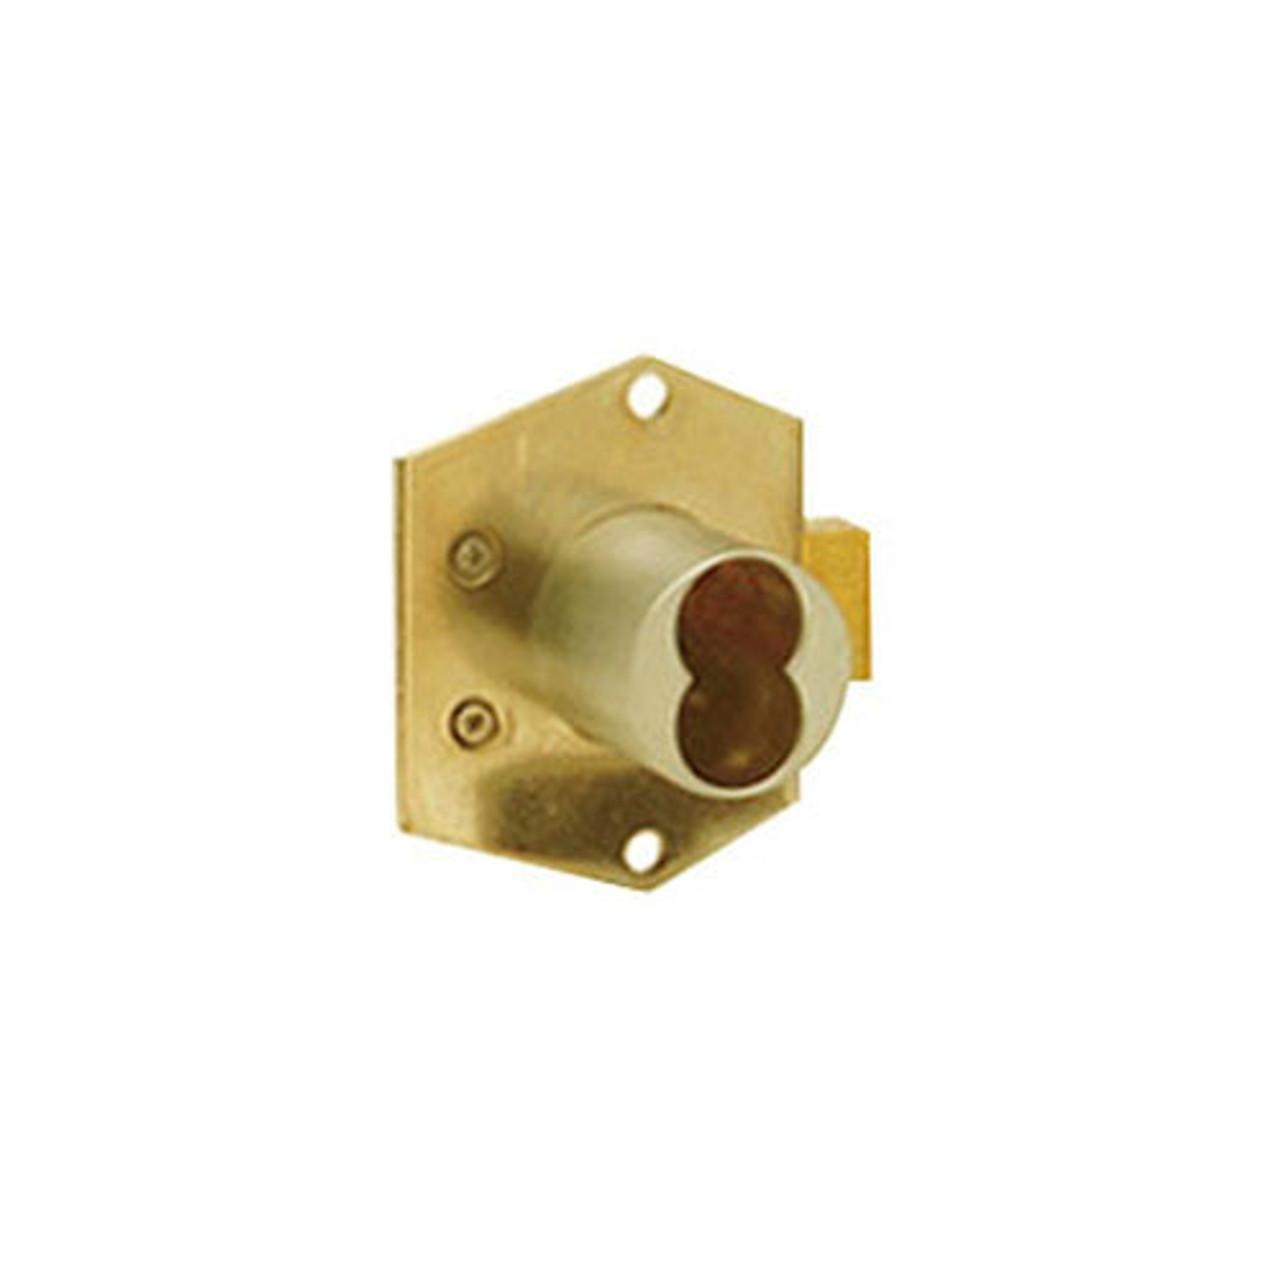 Olympus 725RD-DW-VH-US3 Rim Mount Deadbolt Cabinet Locks in Bright Brass Finish